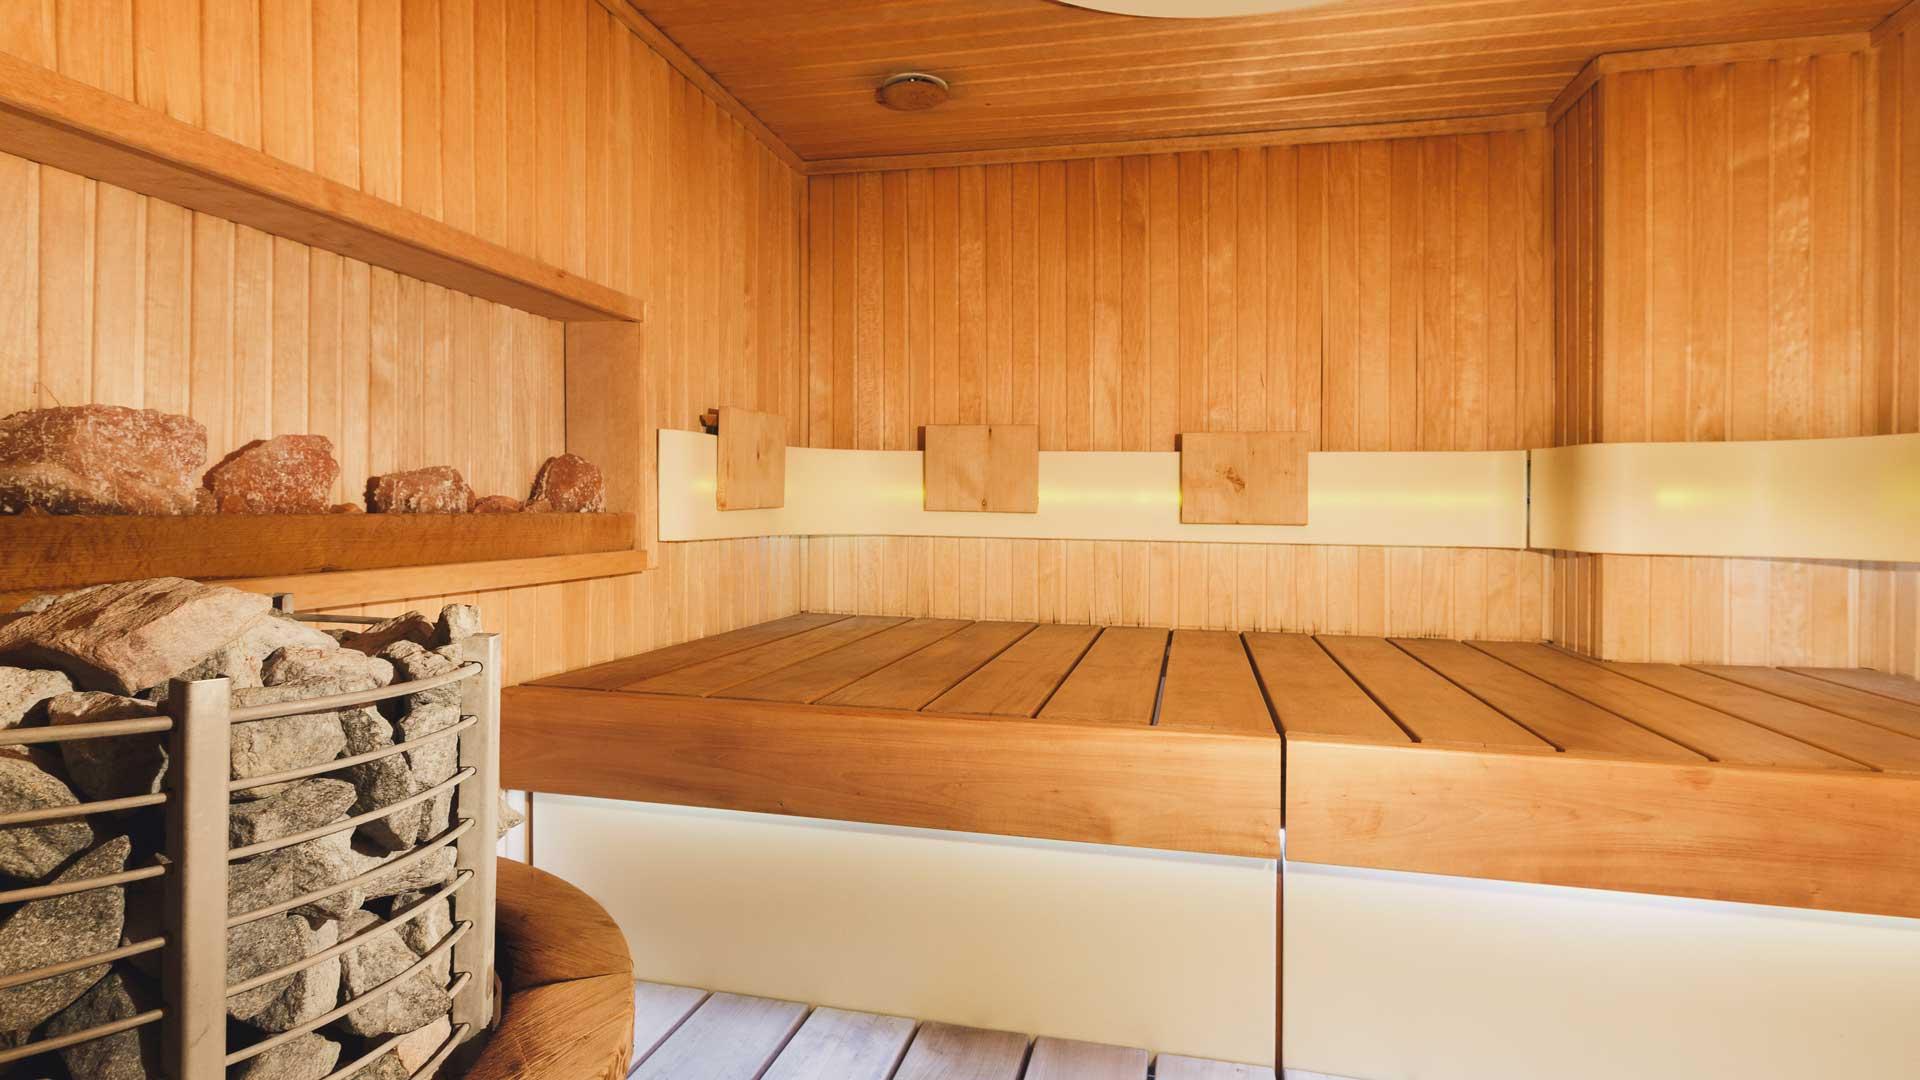 interior-of-wooden-sauna-PJTT24G.jpg